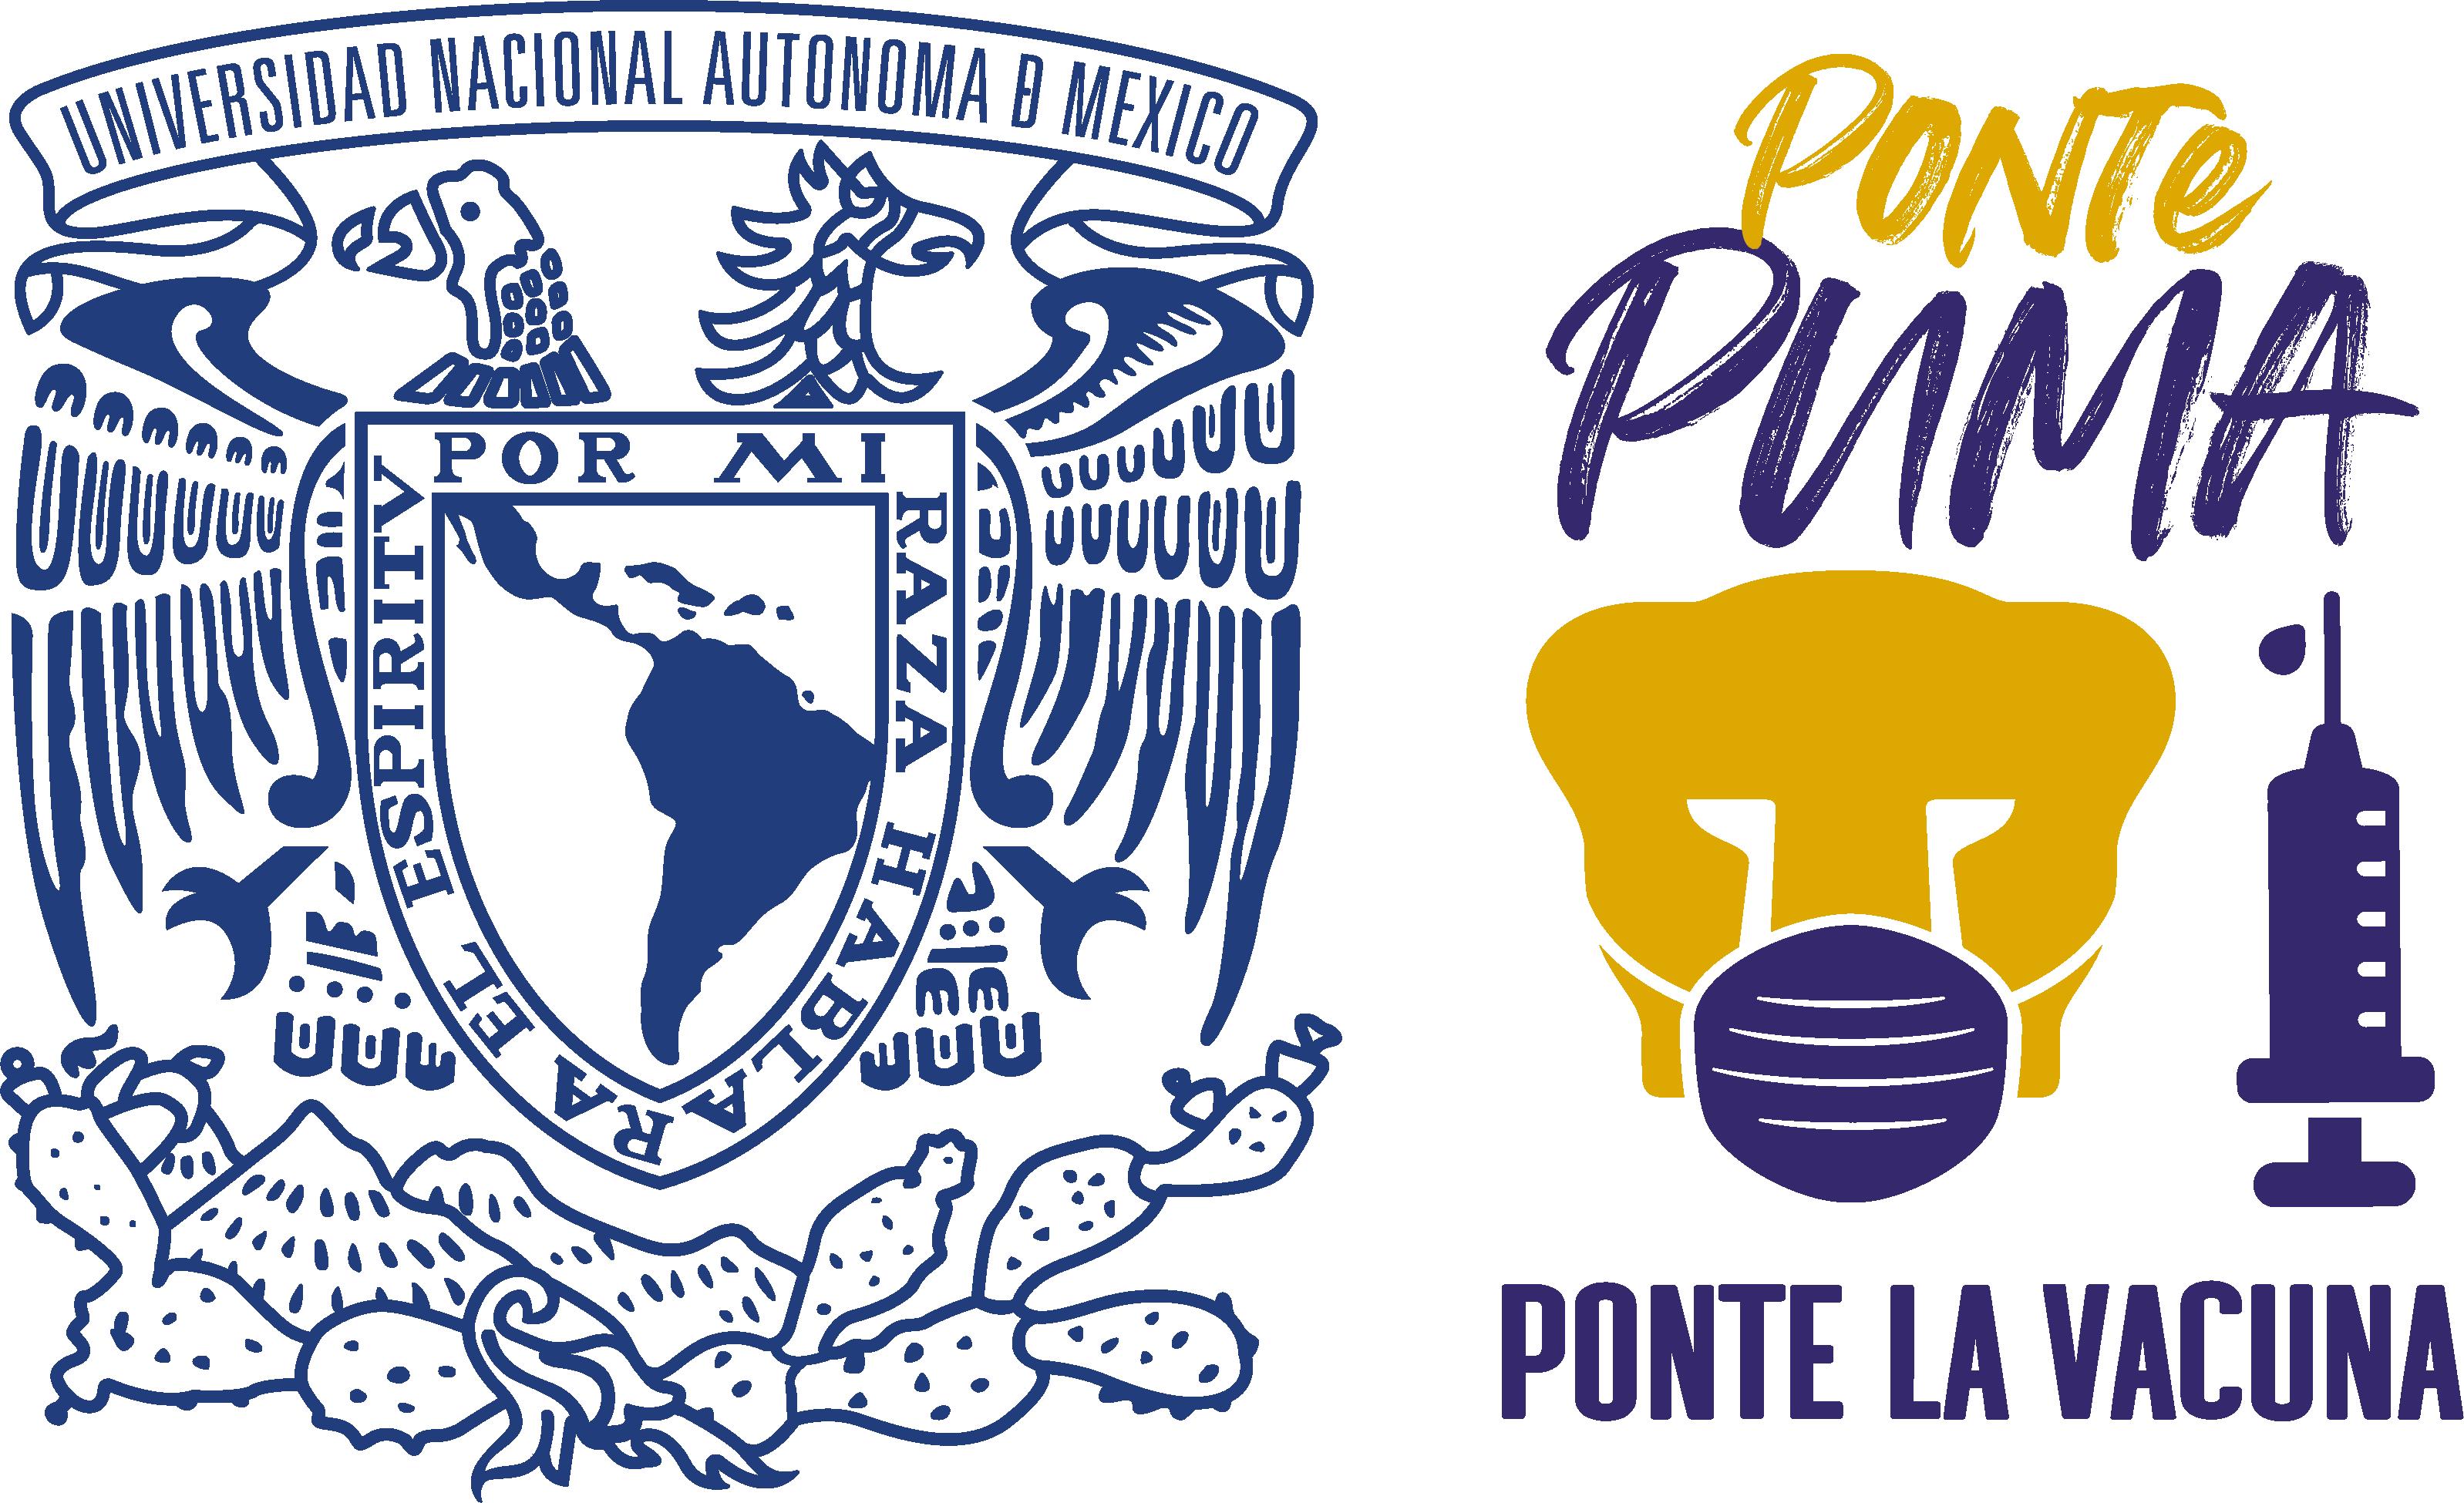 Enlace UNAM